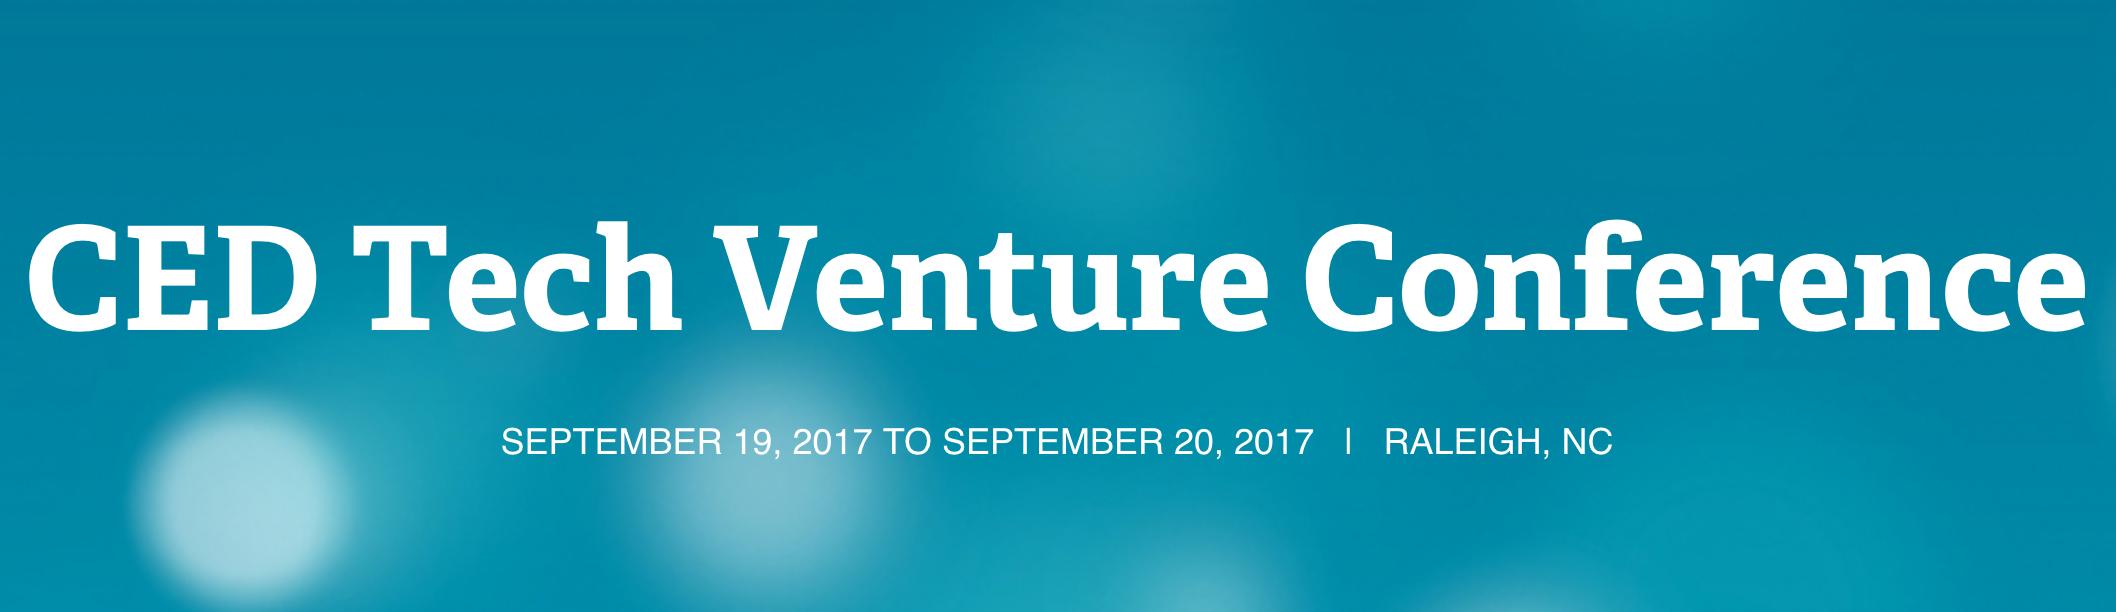 CED Tech Venture 2017